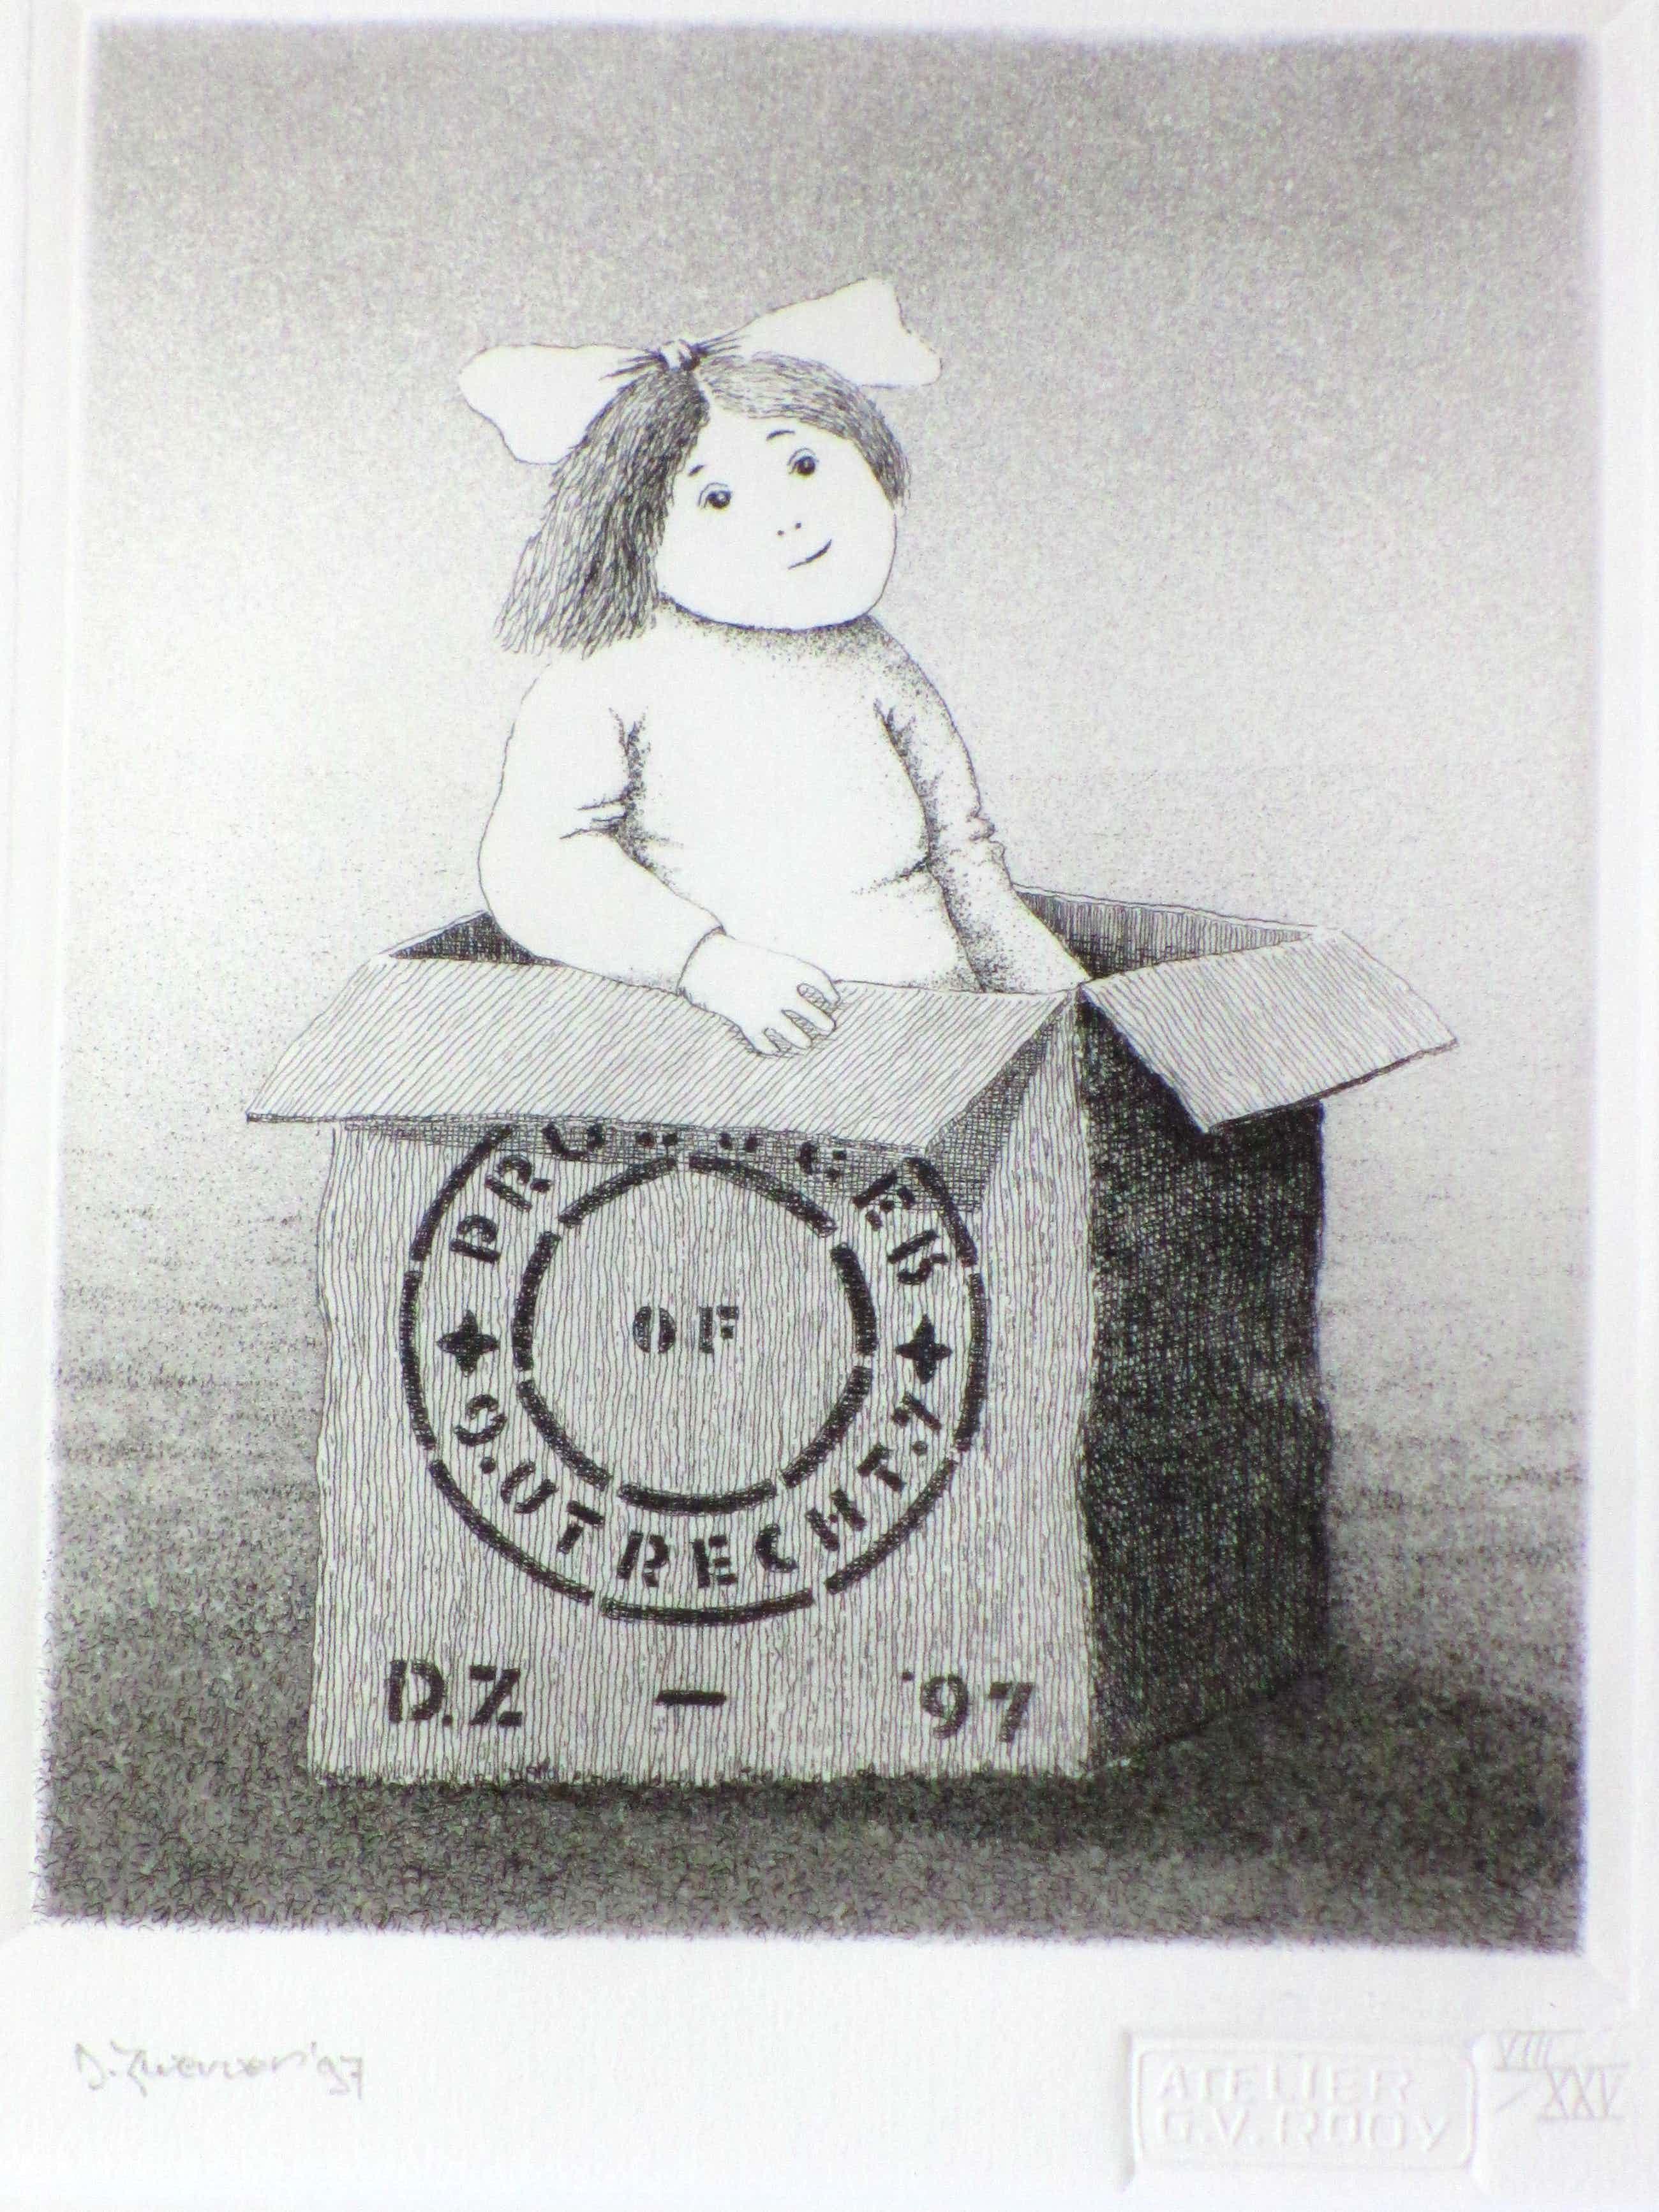 Dolf Zwerver - Meisje uit doos - Ets kopen? Bied vanaf 145!